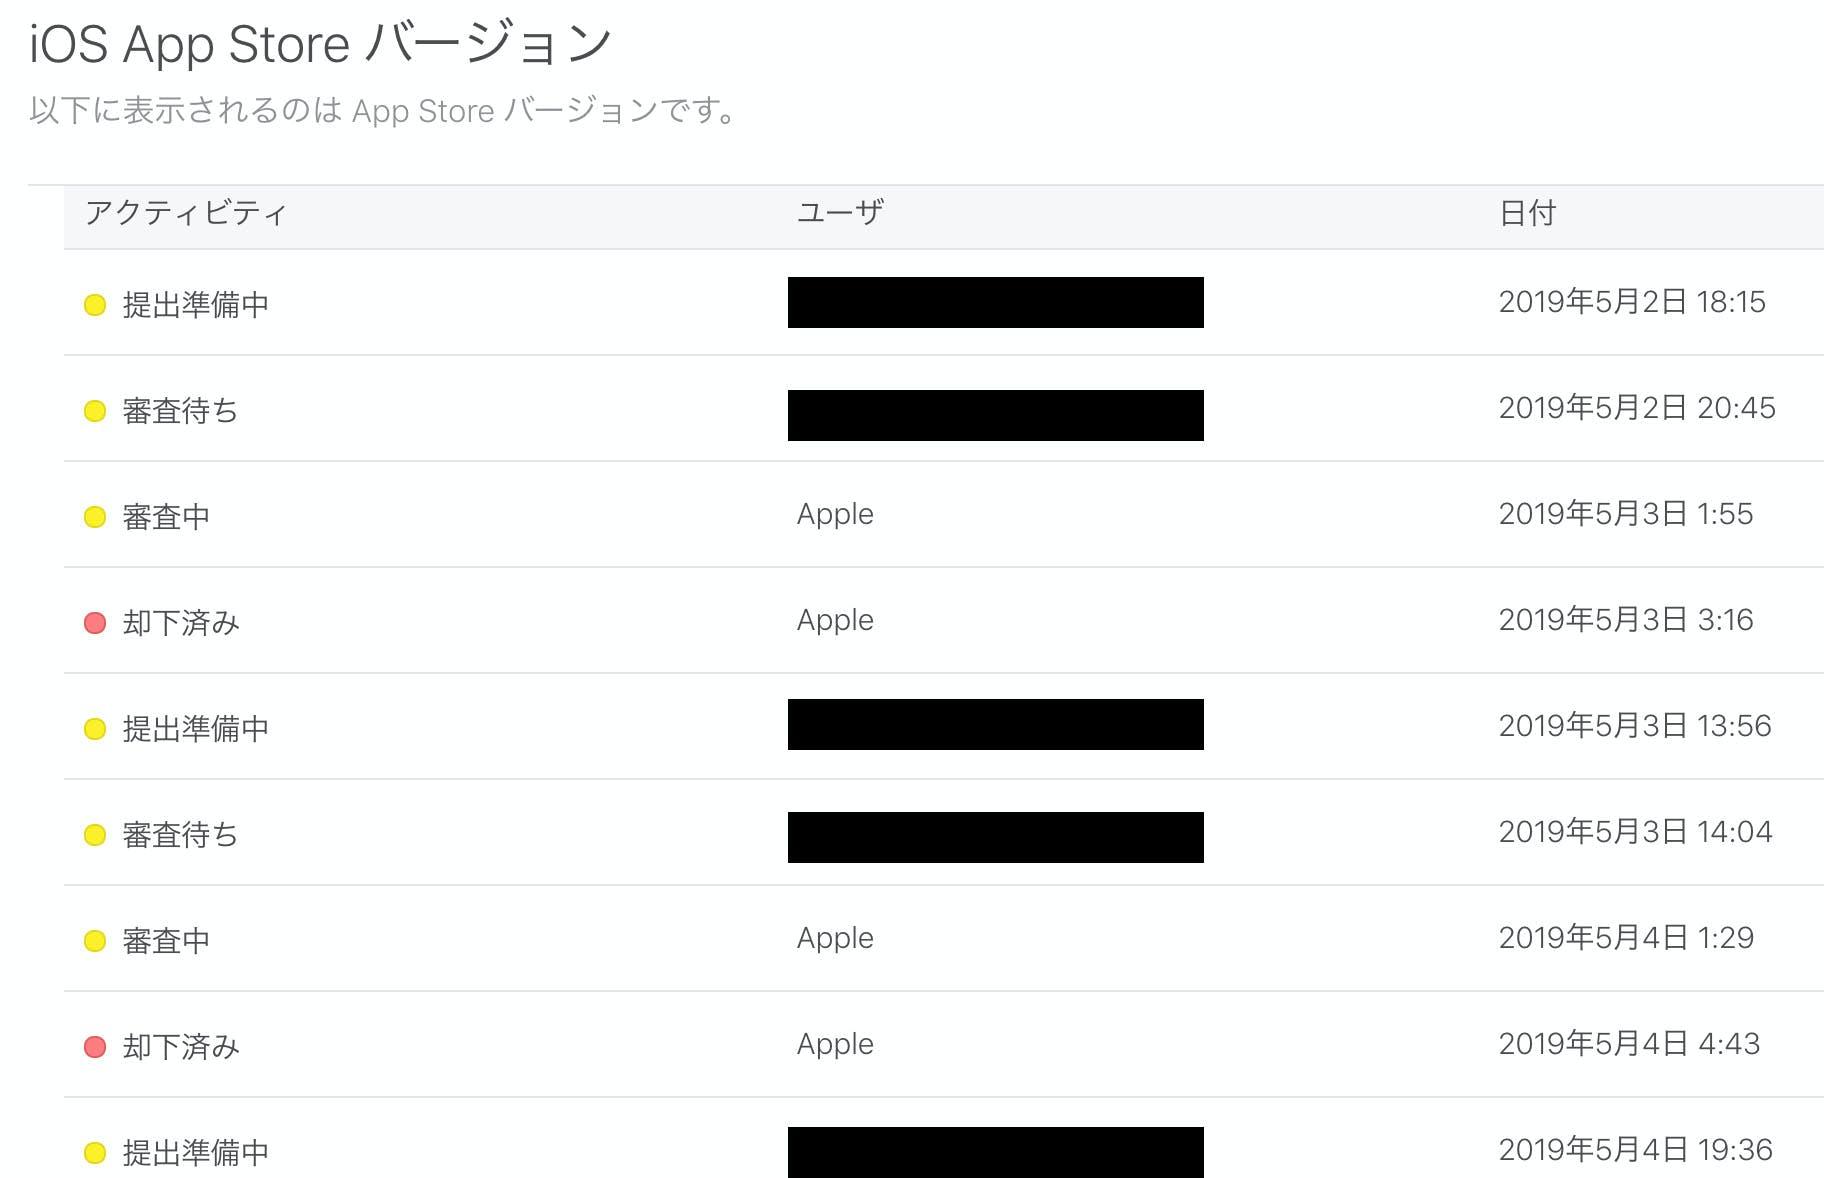 スクリーンショット 2019-05-05 13.48.09.jpg